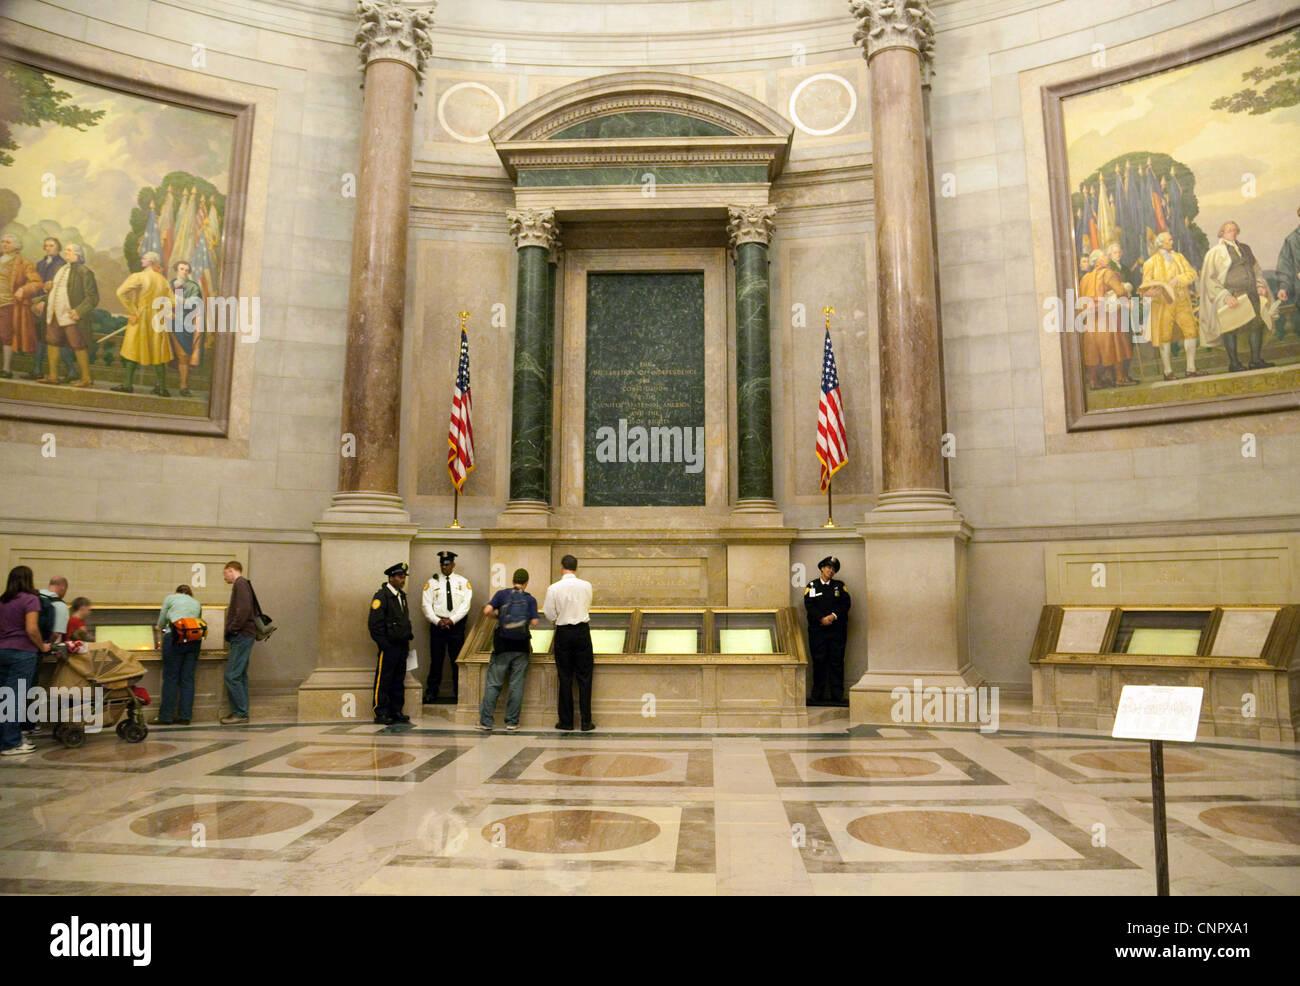 Los turistas la visualización de documentos y el arte en la Rotunda, de los Archivos Nacionales de Washington Imagen De Stock